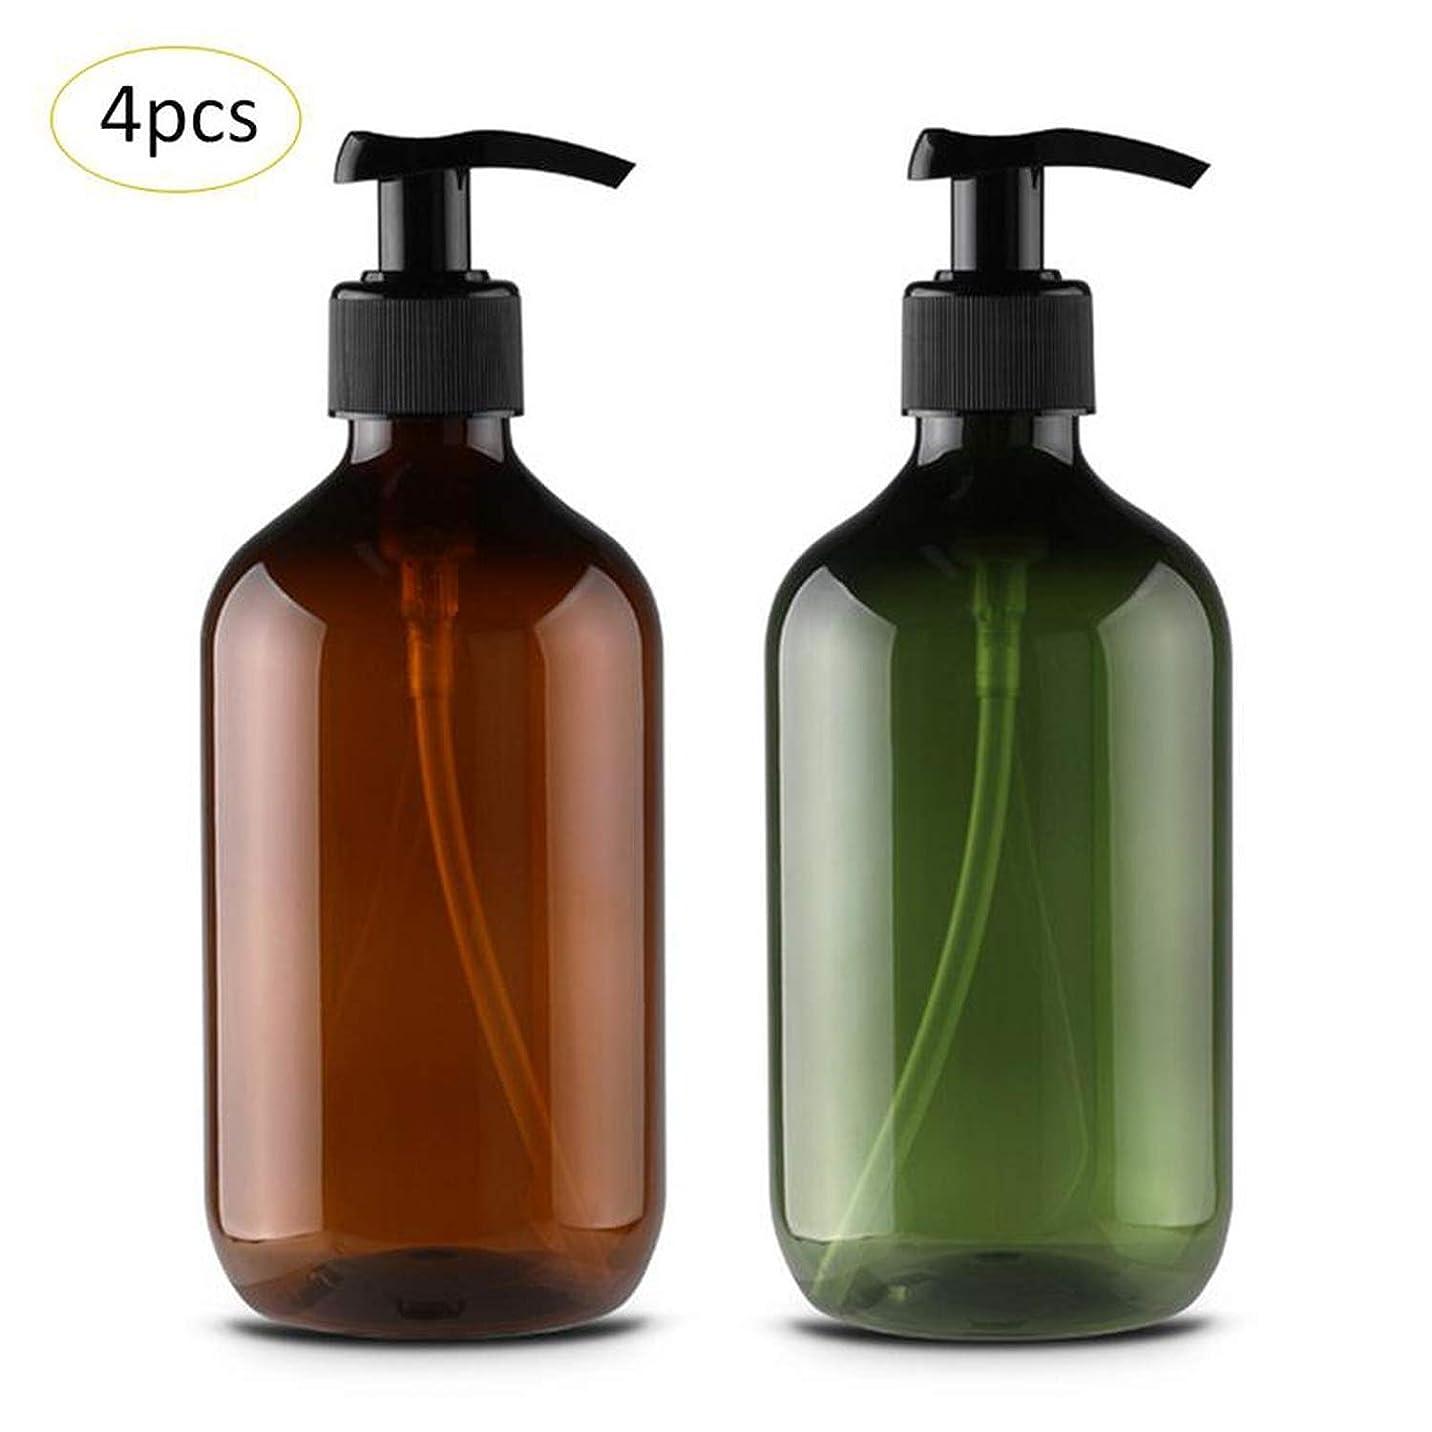 ソープシャワージェル、グリーンのために4本の新しい500MLポンプボトルメイクバスルームリキッドシャンプーボトルトラベルディスペンサーボトル容器